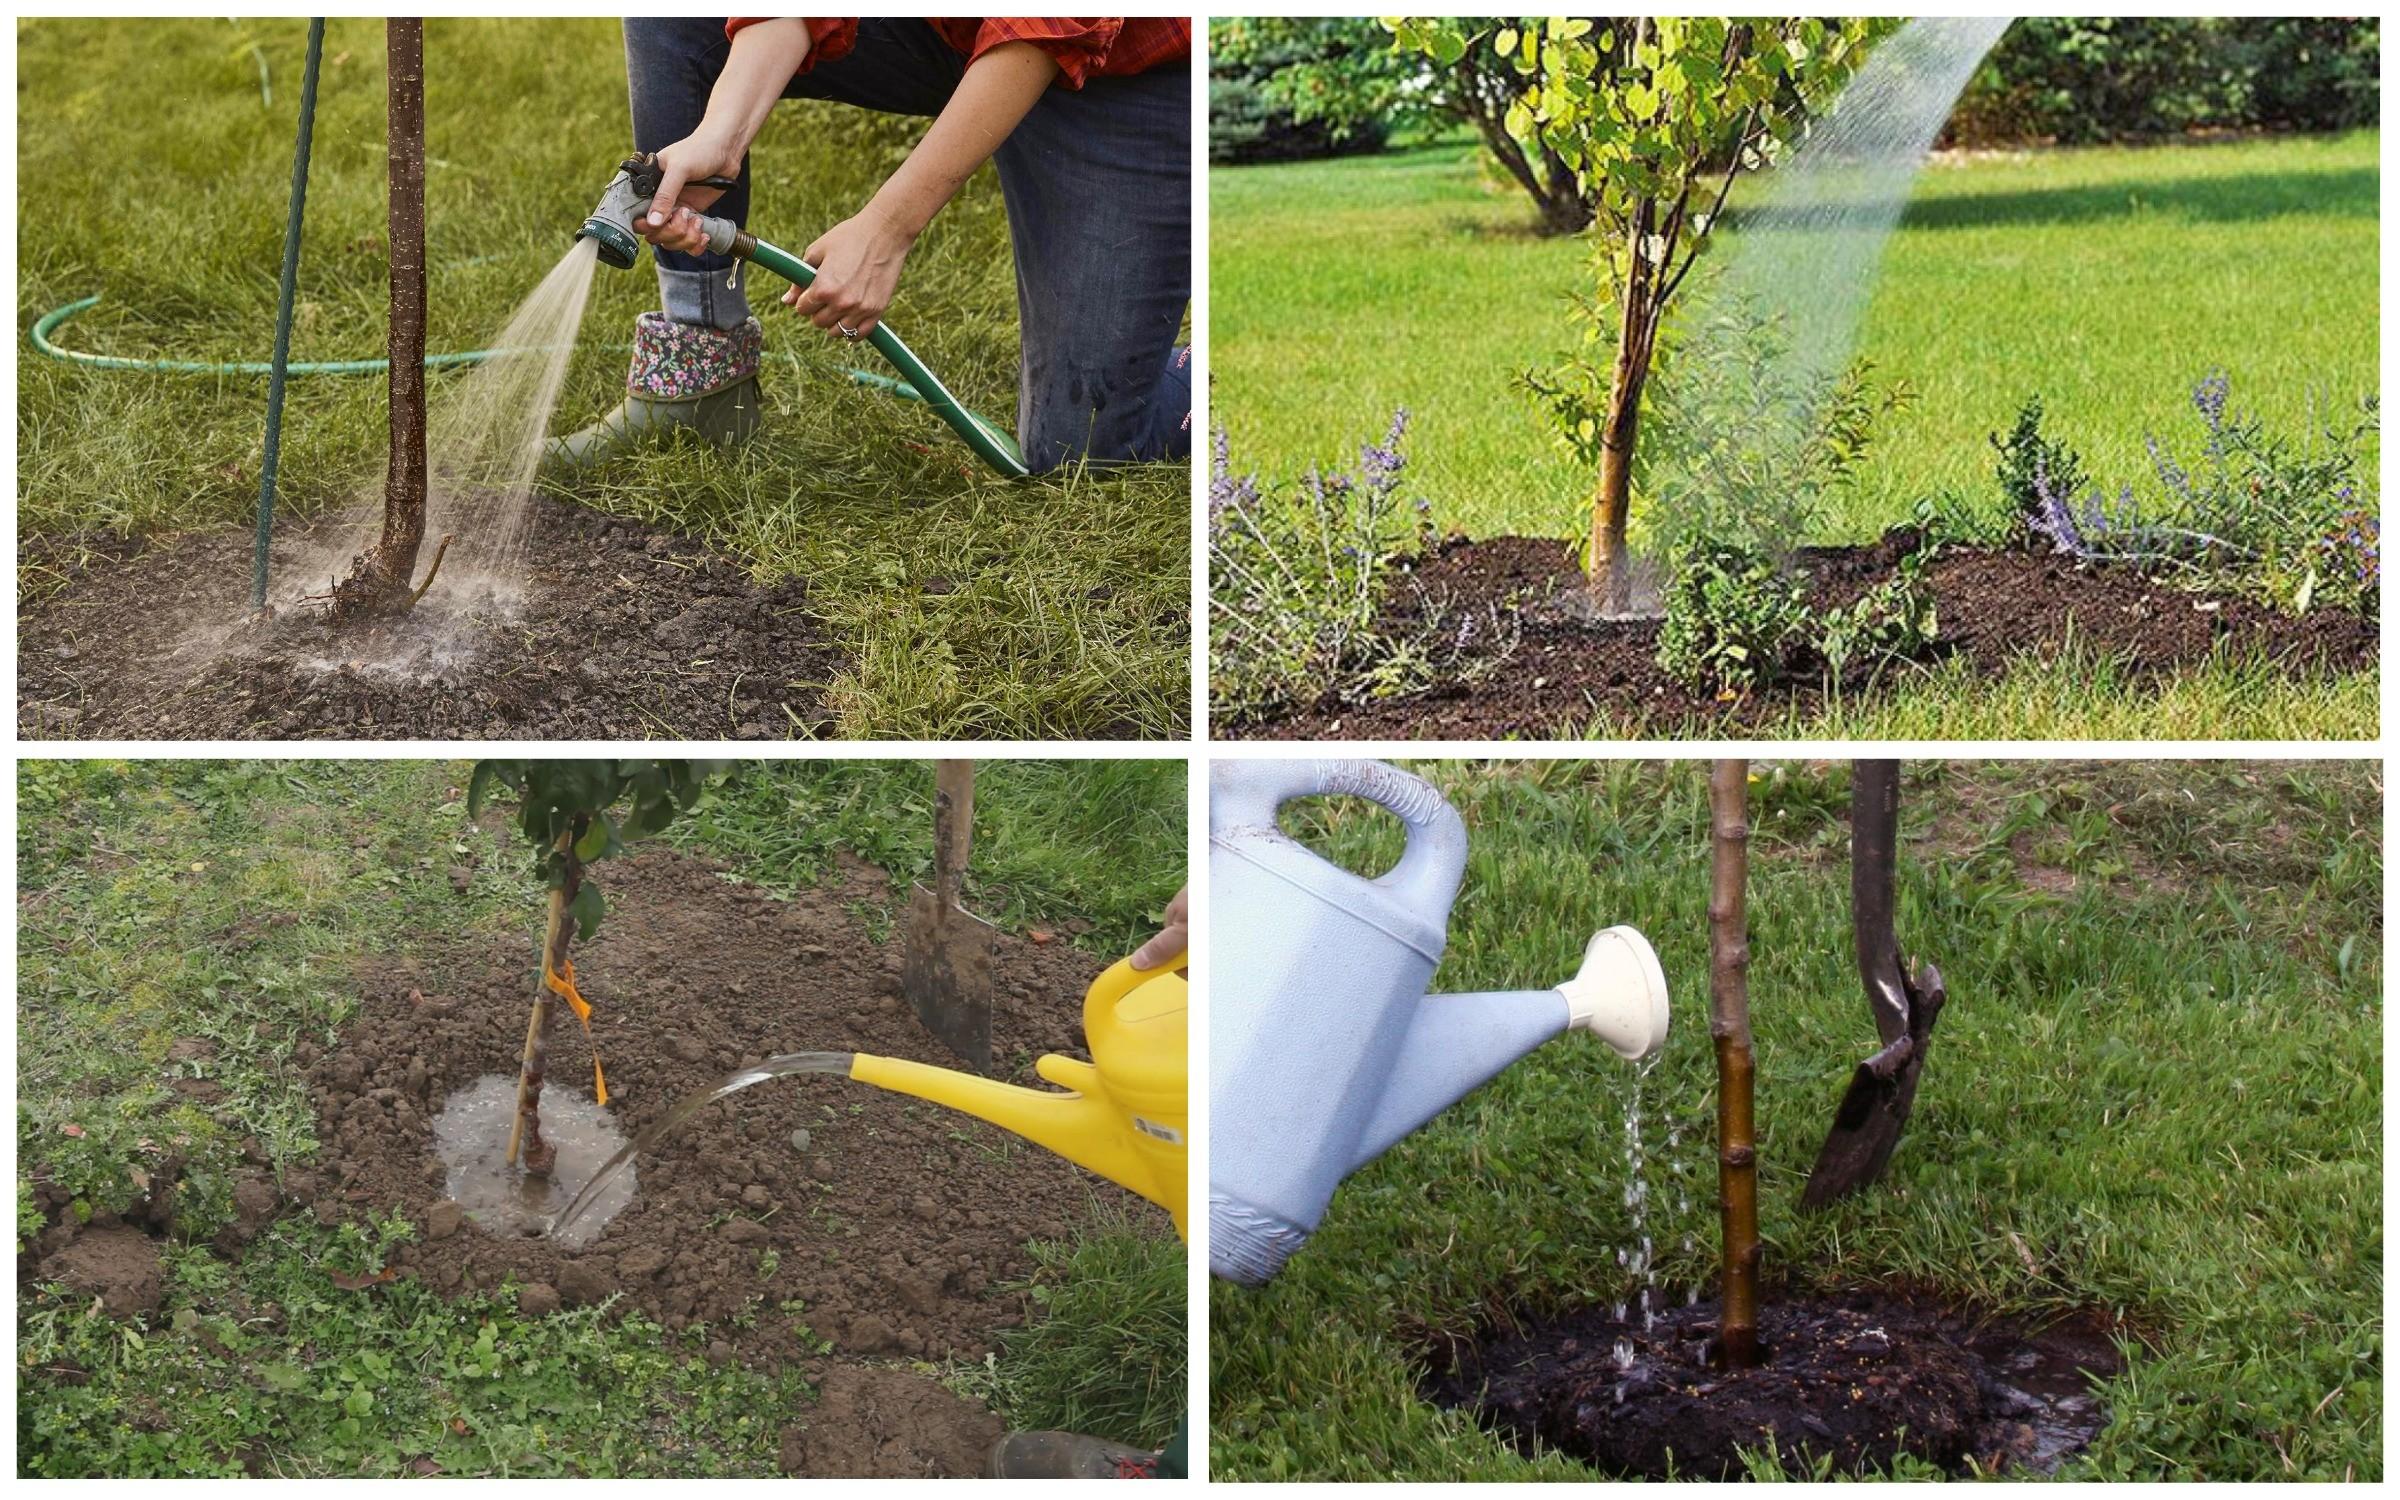 изображение полив плодовых деревьев